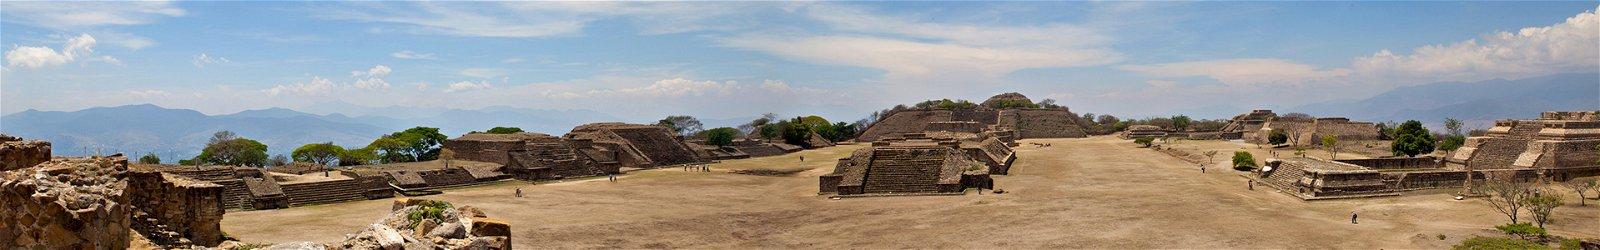 Viajes a Oaxaca desde México 2020